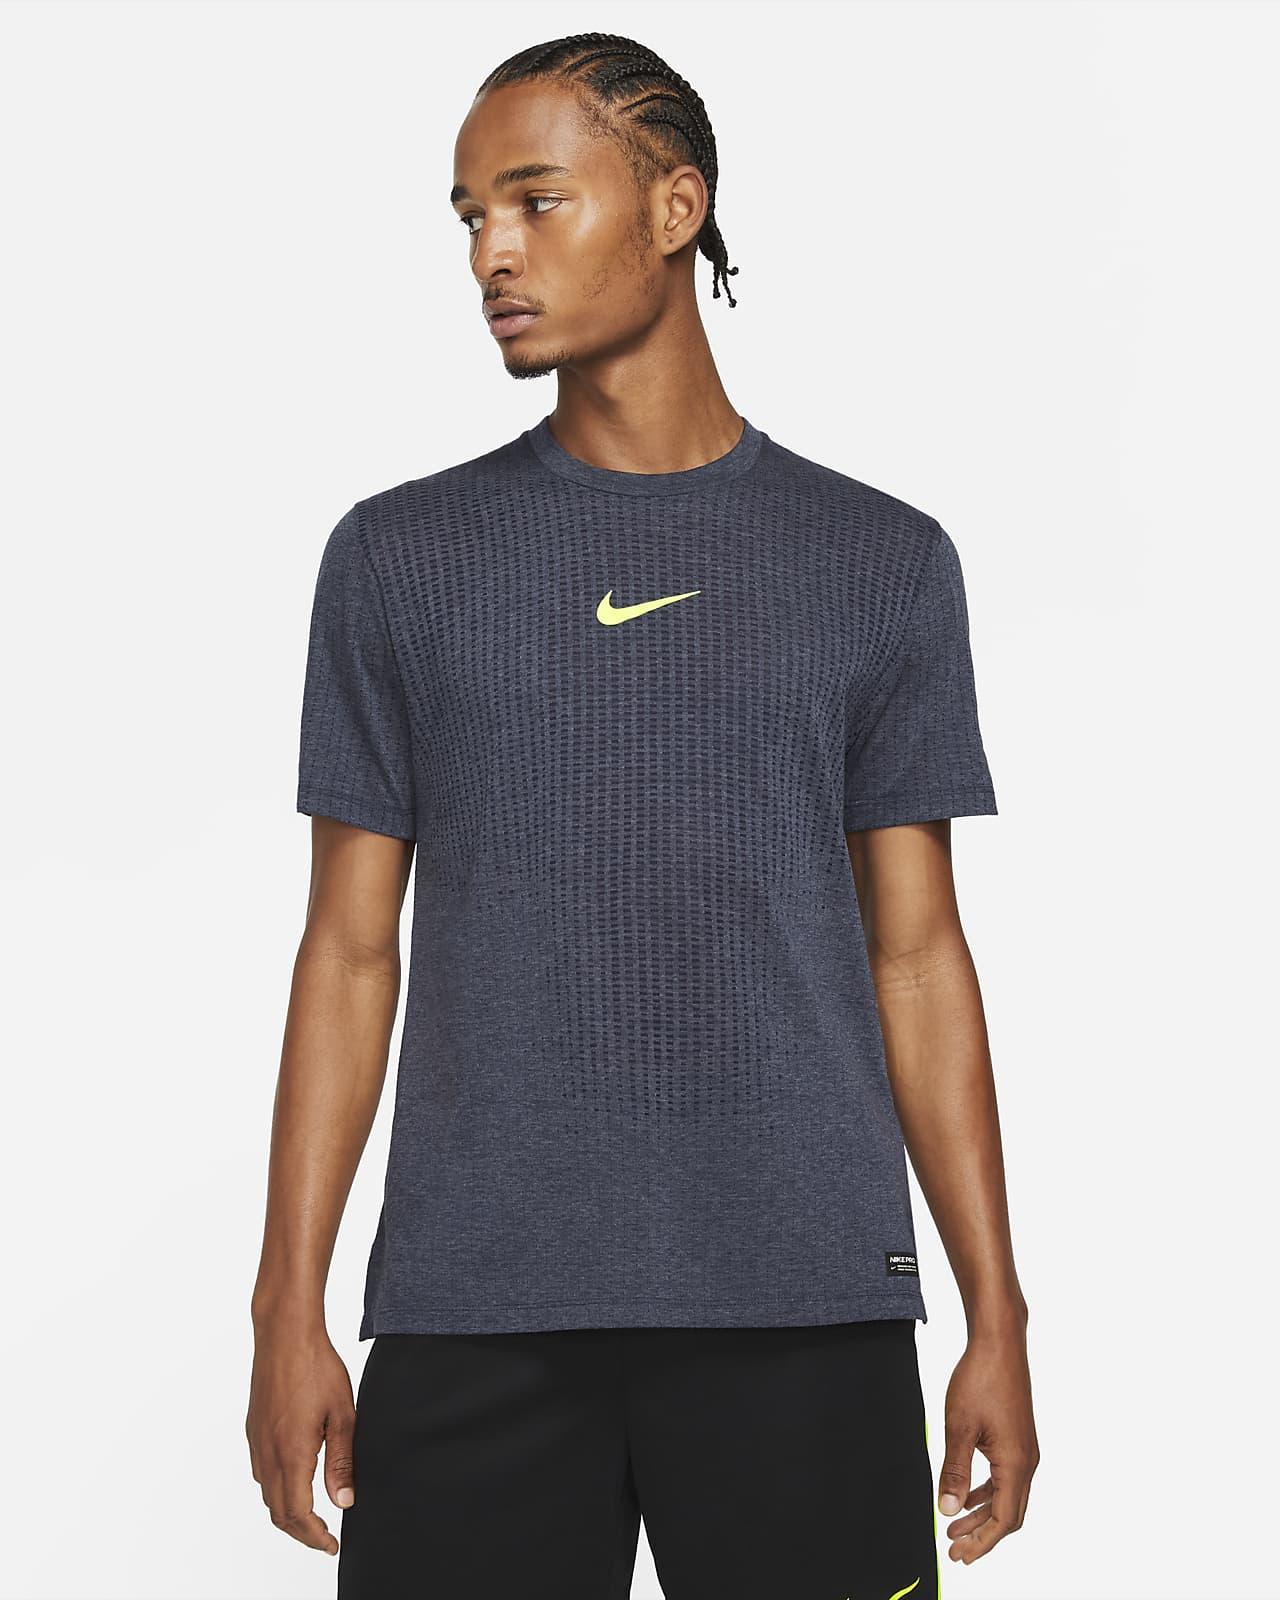 Nike Pro Dri-FIT ADV Men's Short-Sleeve Top